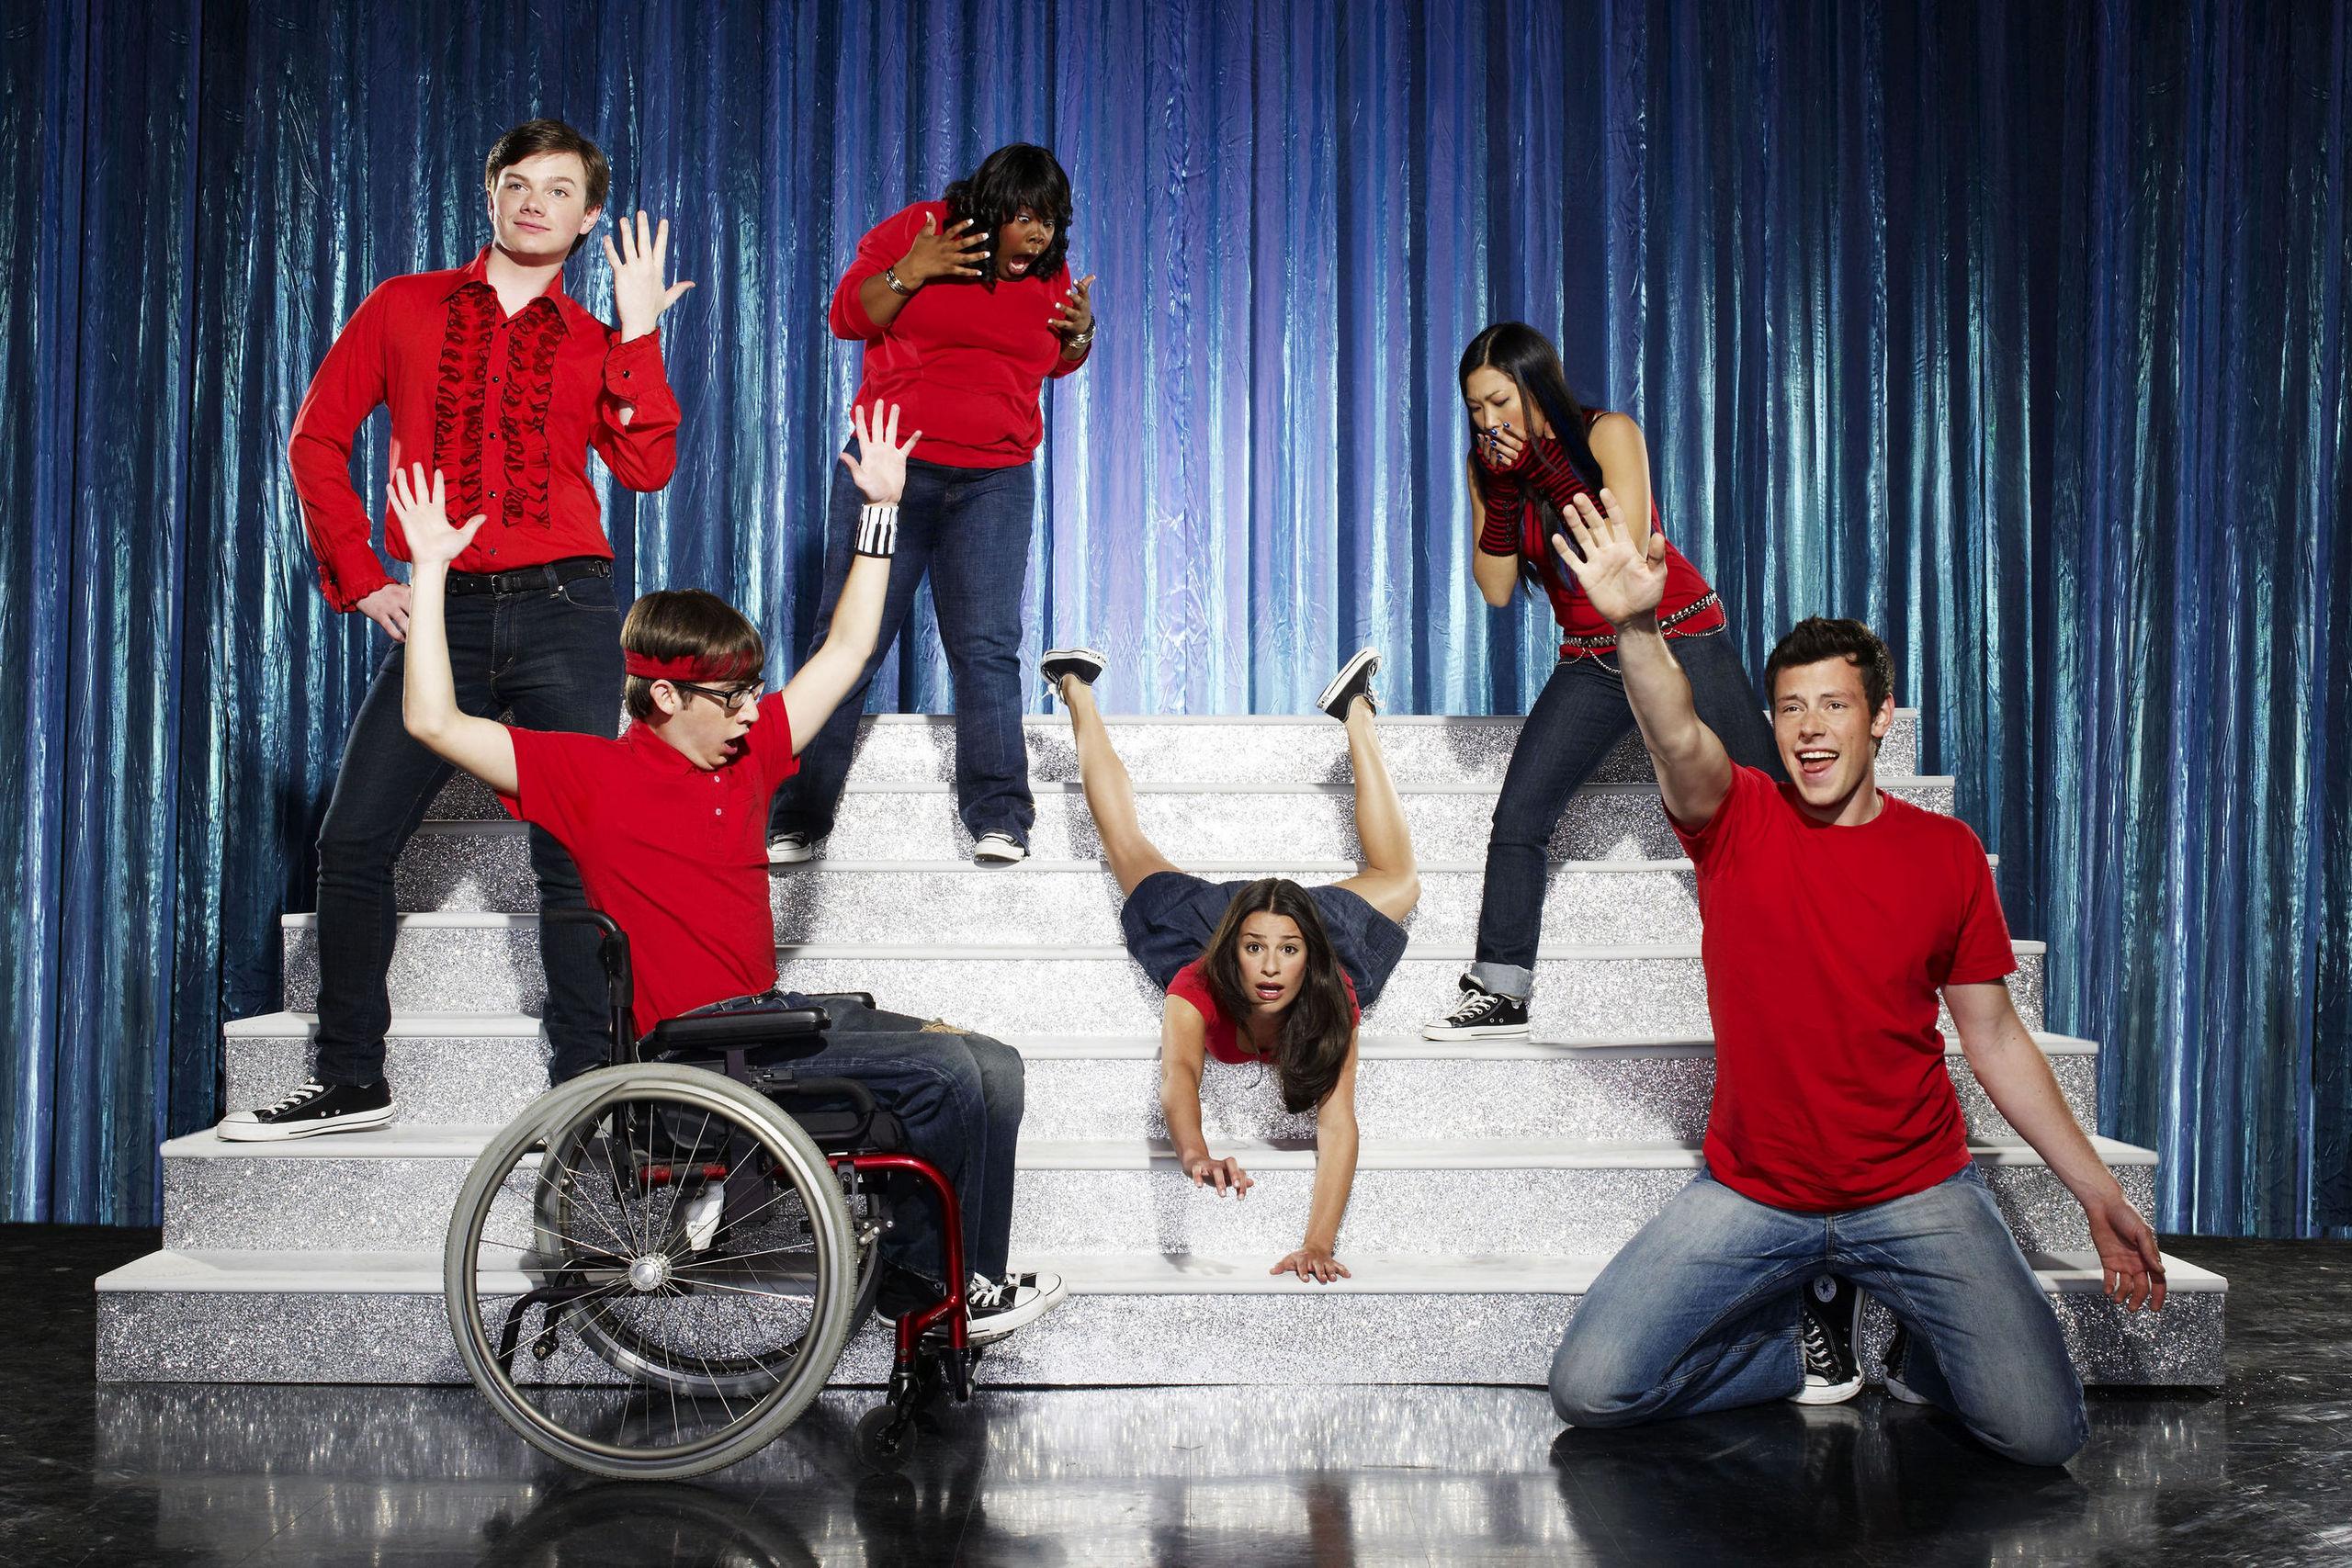 The original Gleeksters, clockwise from top left: Kurt Hummel, Mercedes Jones, Tina Cohen-Chang, Finn Hudson, Rachel Berry, Artie Abrams